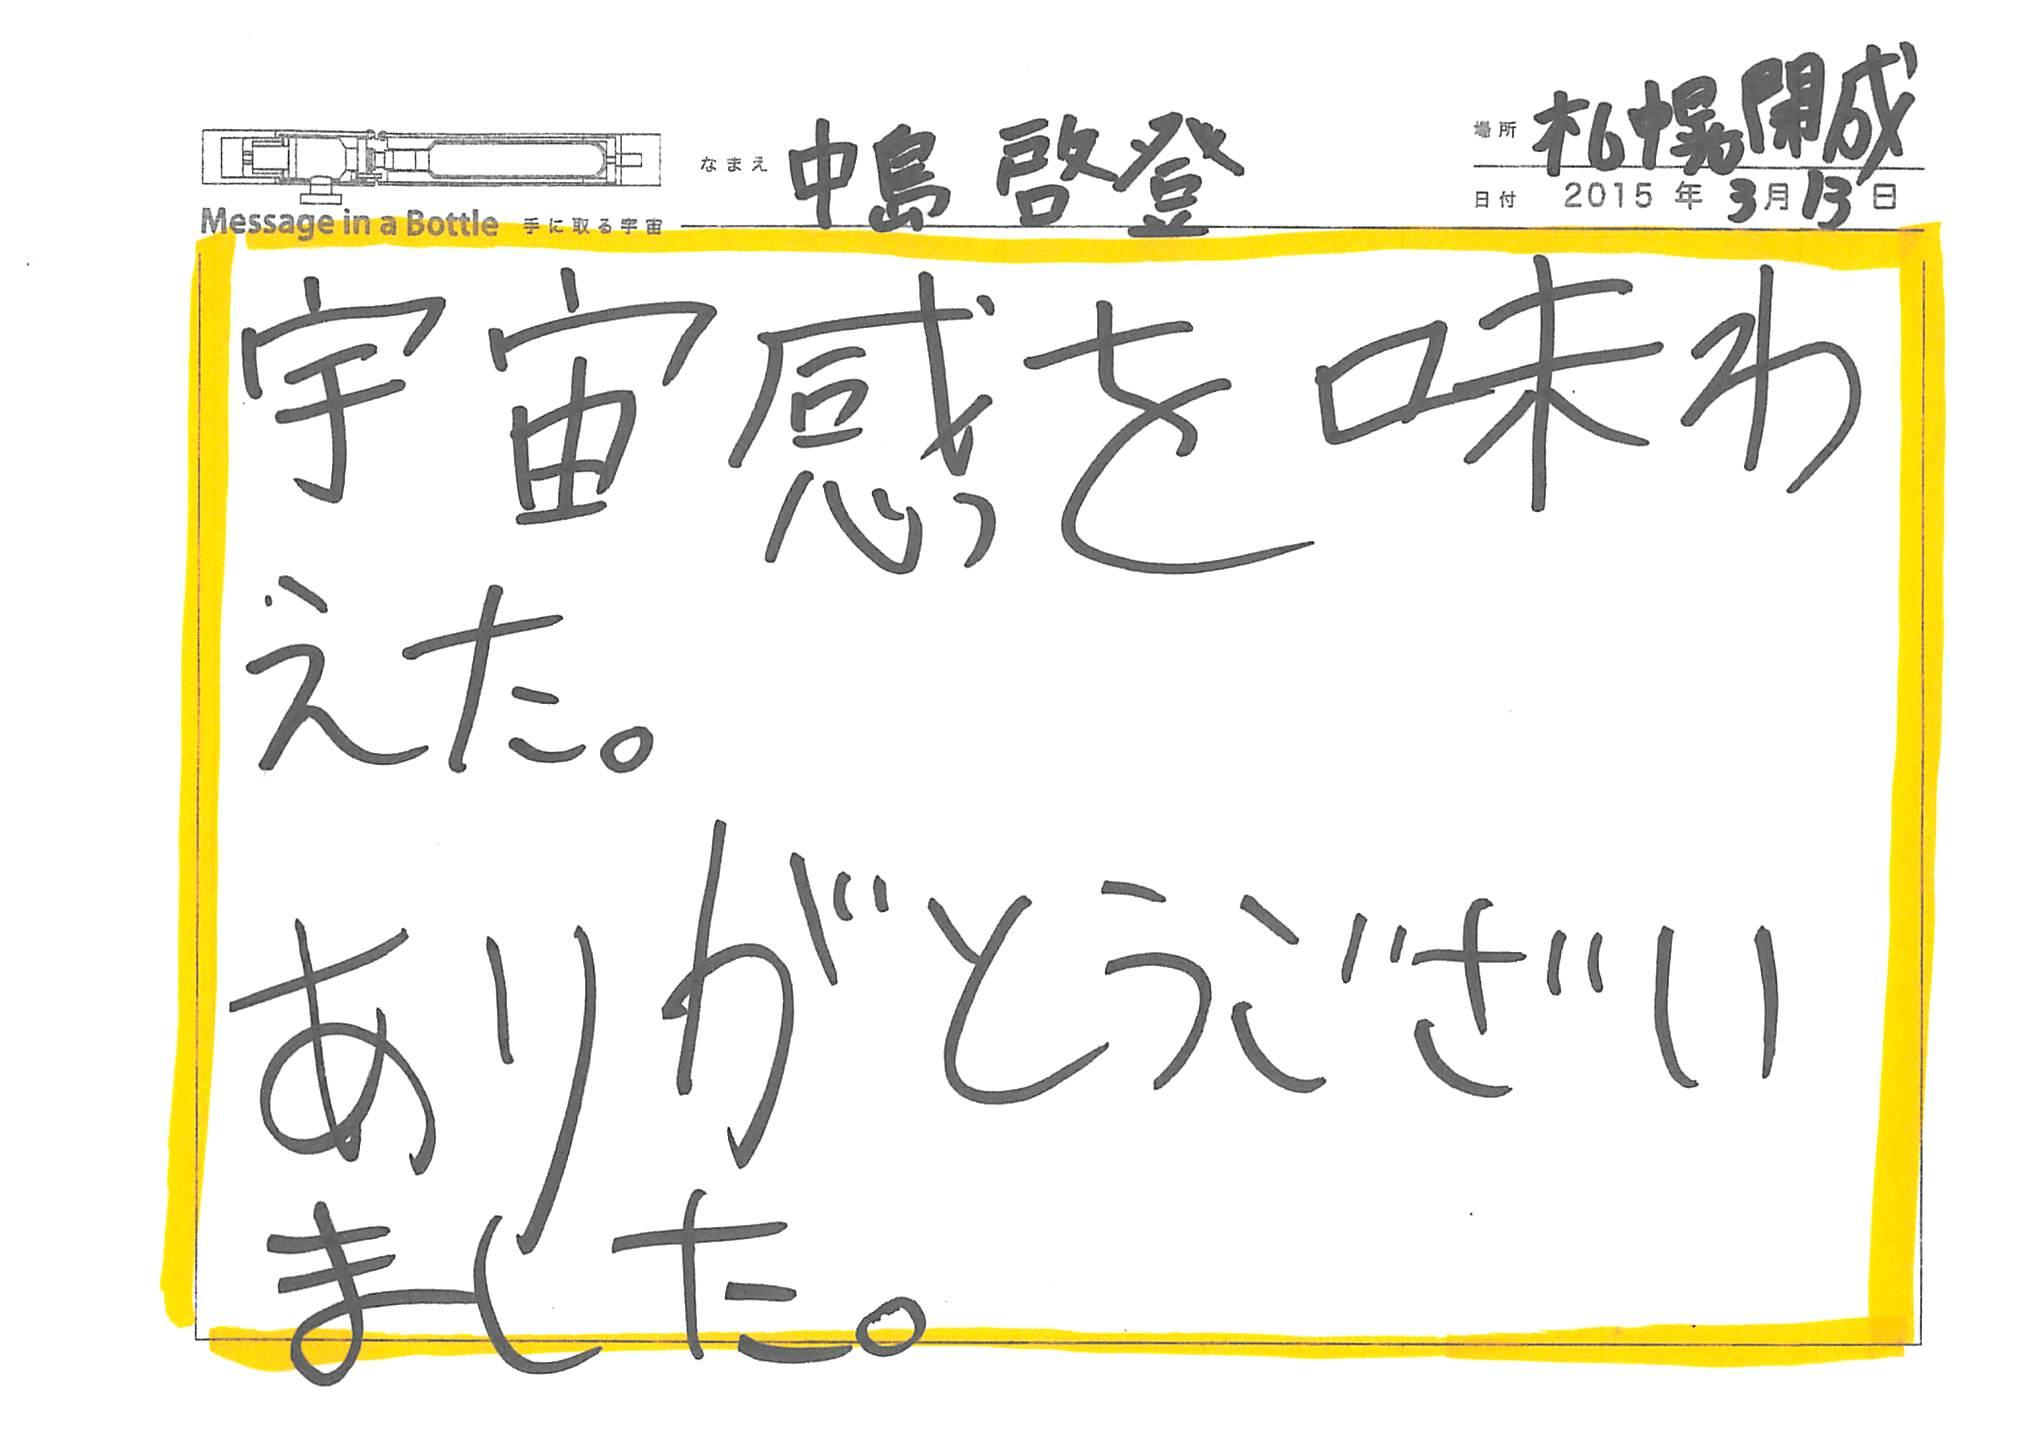 2015-04-09-21-12-53.jpg